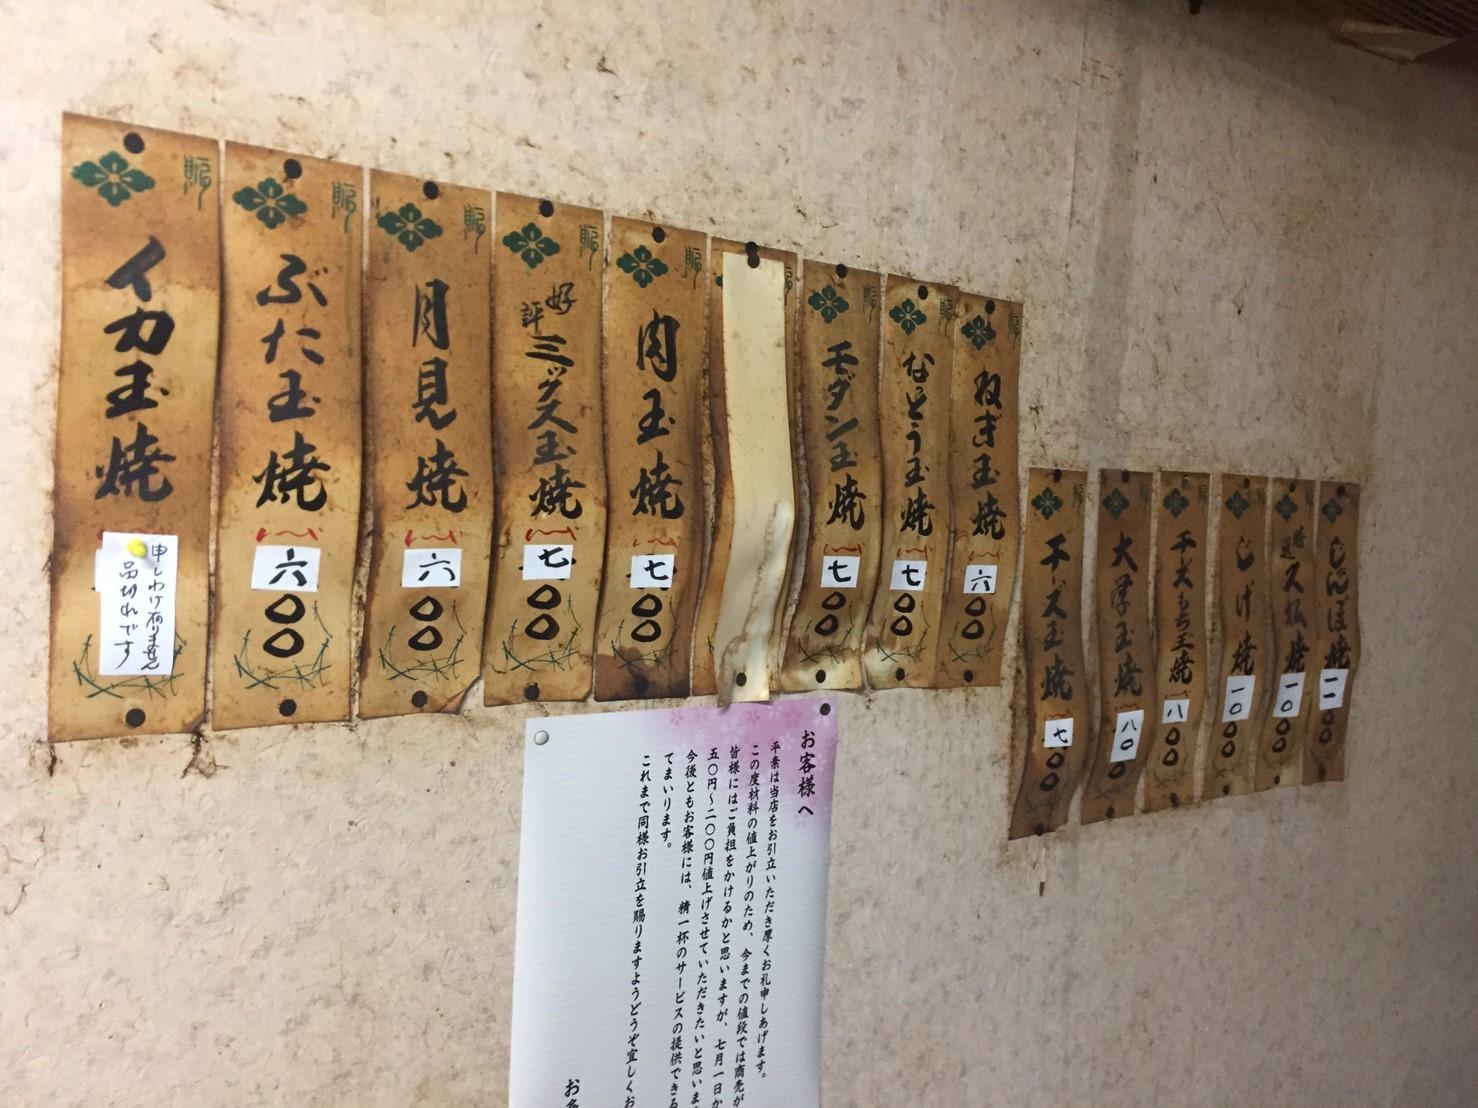 お好み焼き お多福  肉玉&ミックス_e0115904_08563061.jpg